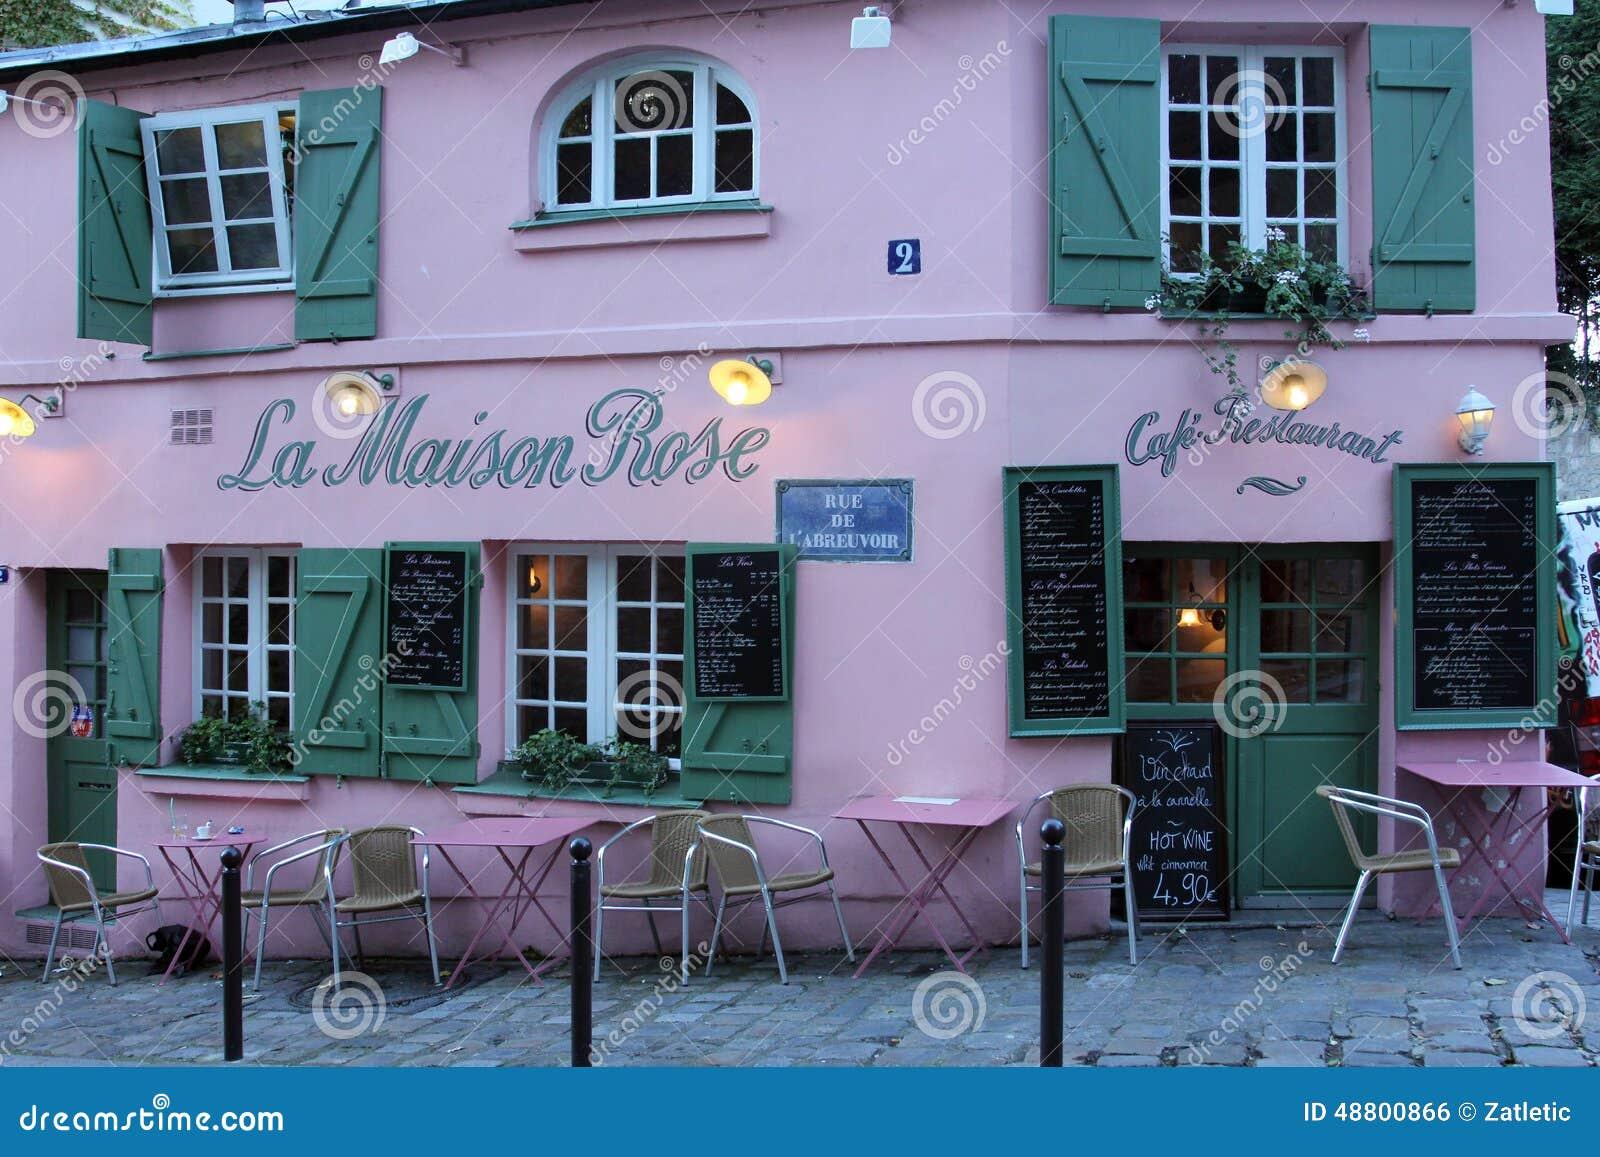 La maison rose restaurant on montmartre in paris editorial for Restaurant miroir montmartre